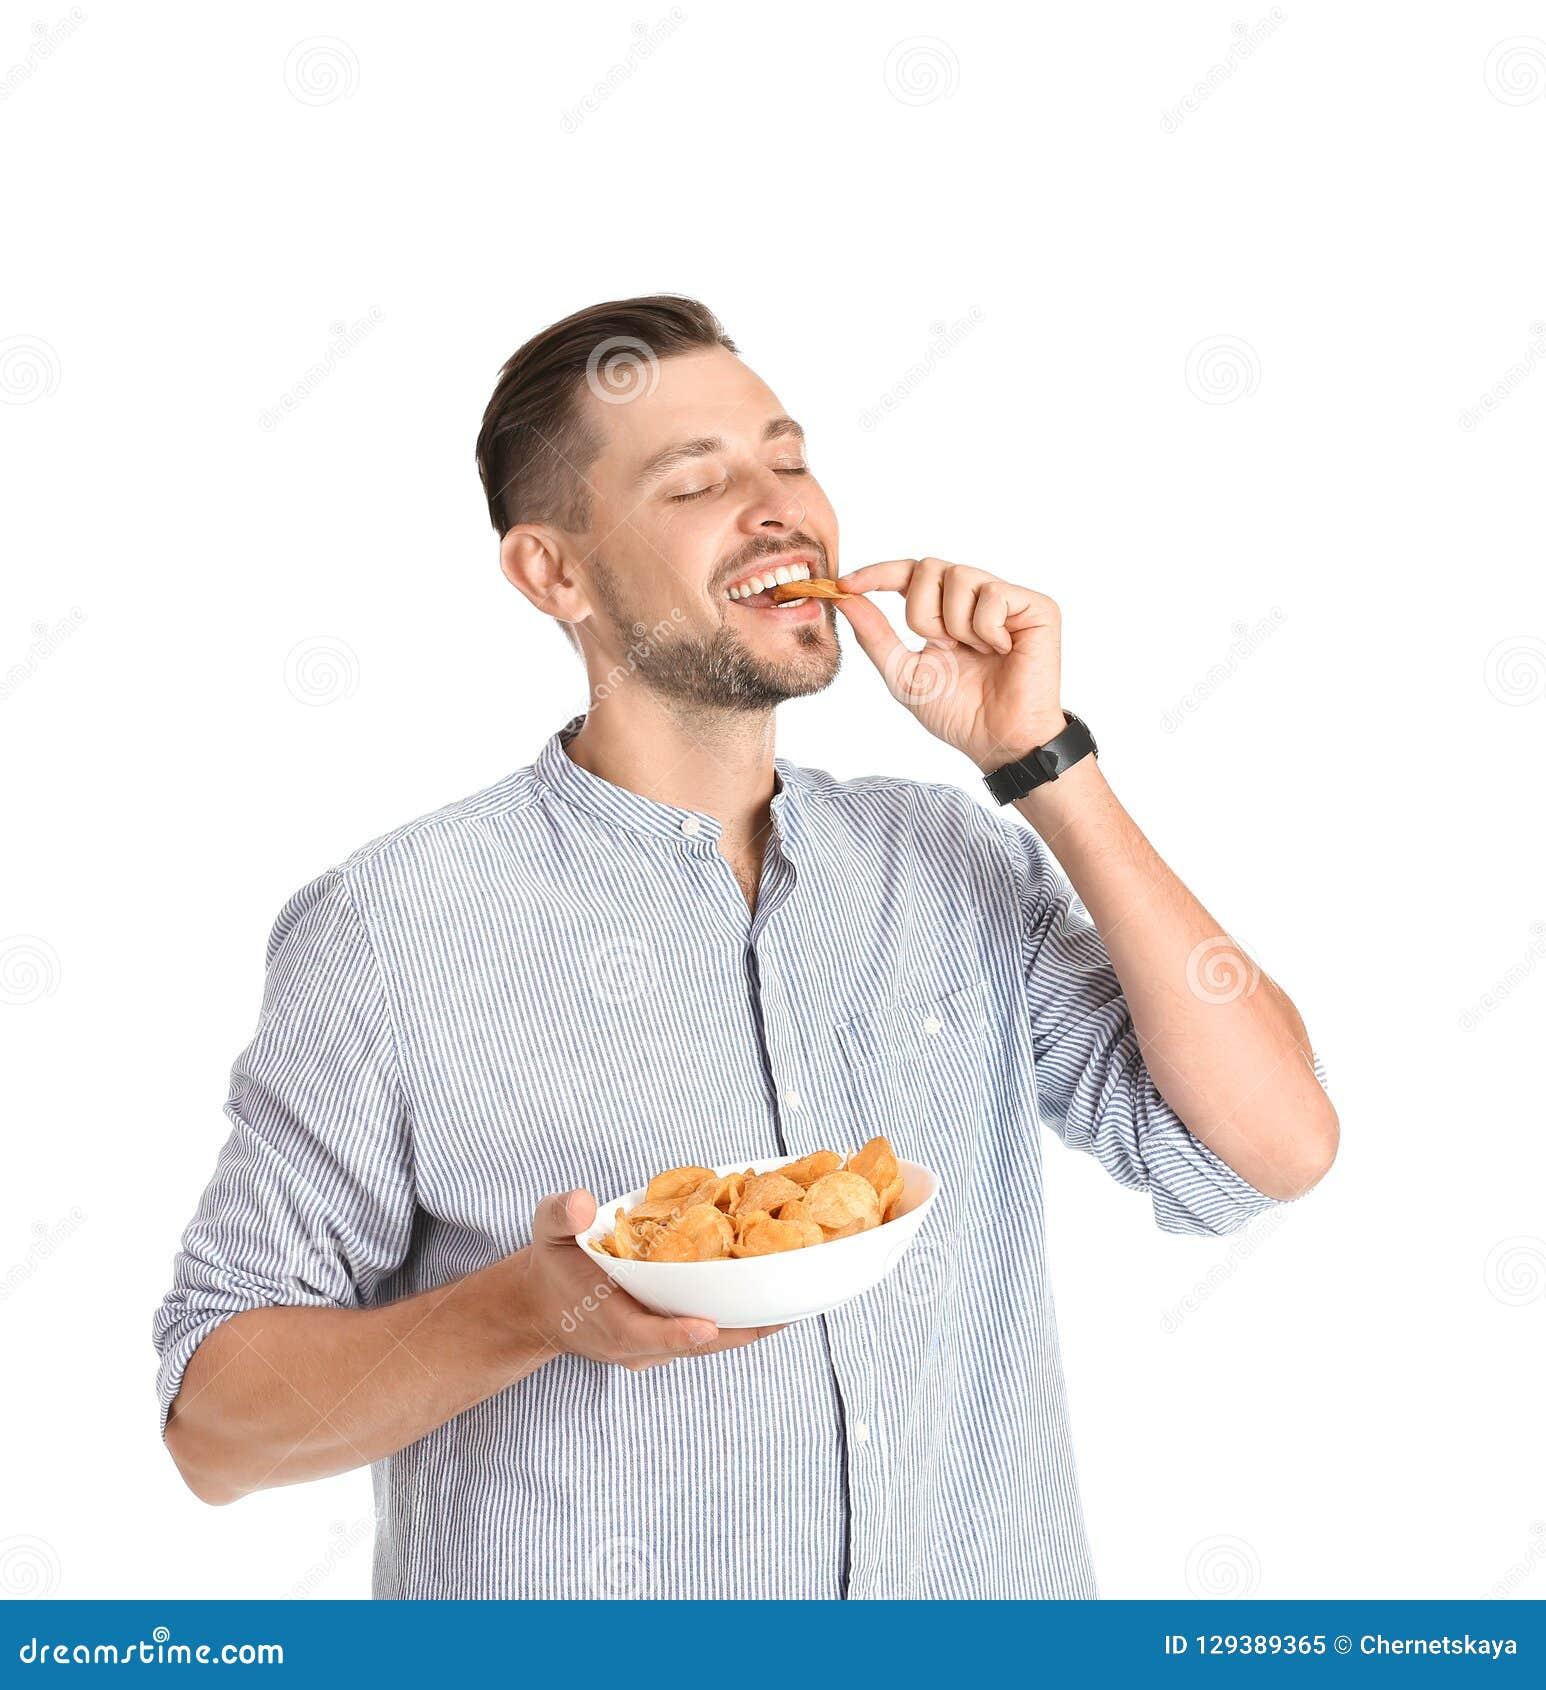 Fleisch fressende Kartoffelchips